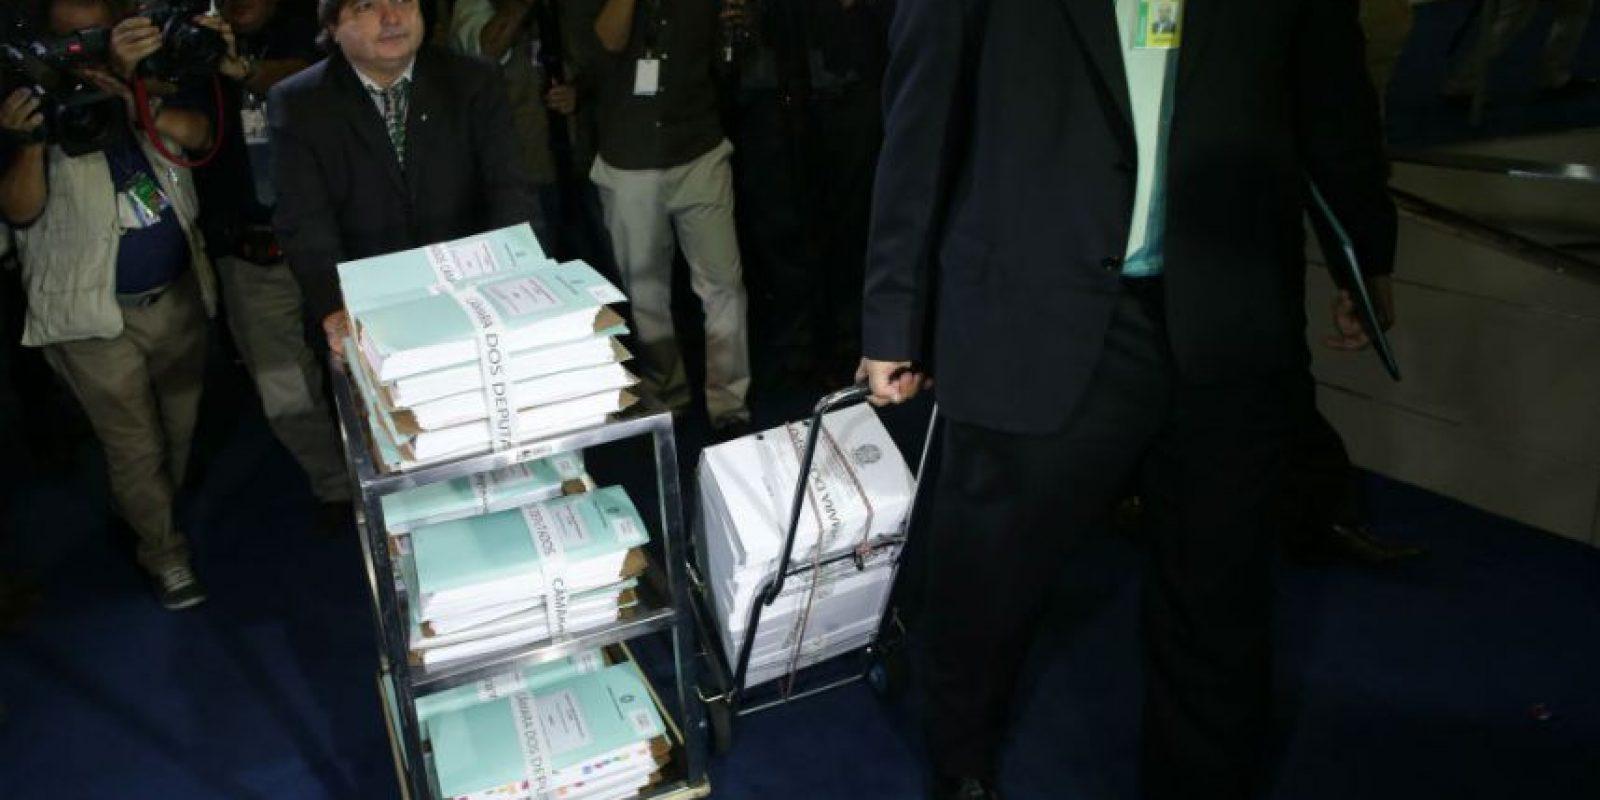 La iniciativa ahora pasa al Senado, el cual deberá decidir si juzga a Rousseff por los cargos. Foto:AP